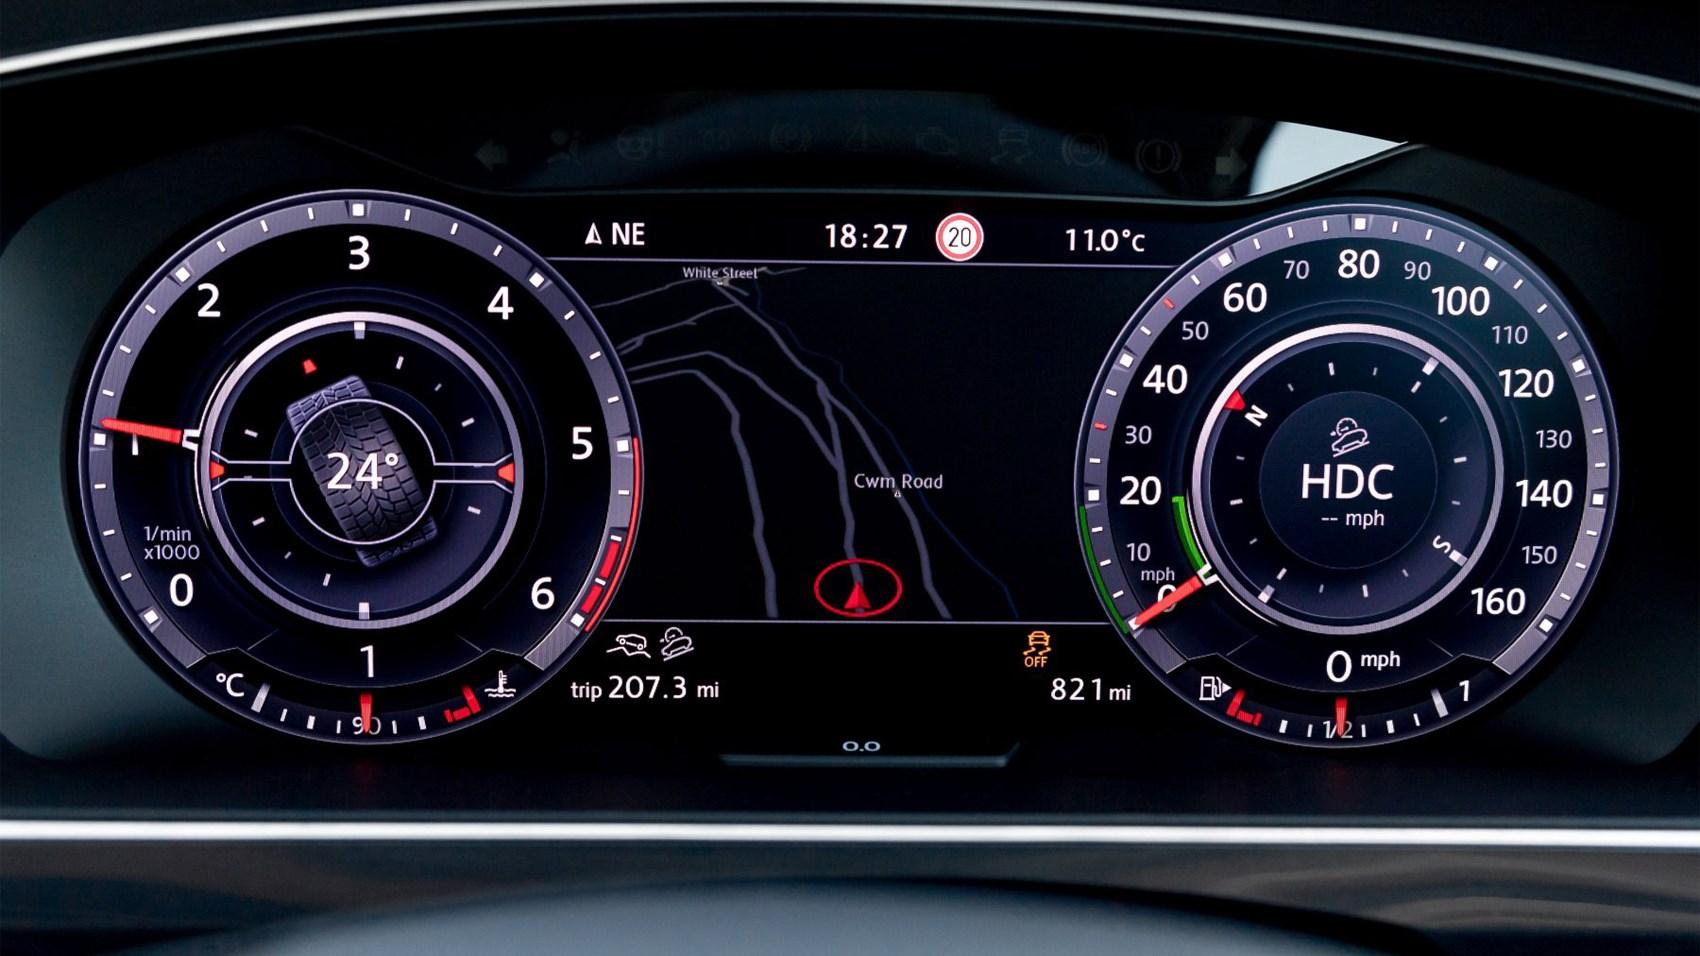 Vw Tiguan 2 0 Tdi 150 Se Nav 2wd 2016 Review By Car Magazine